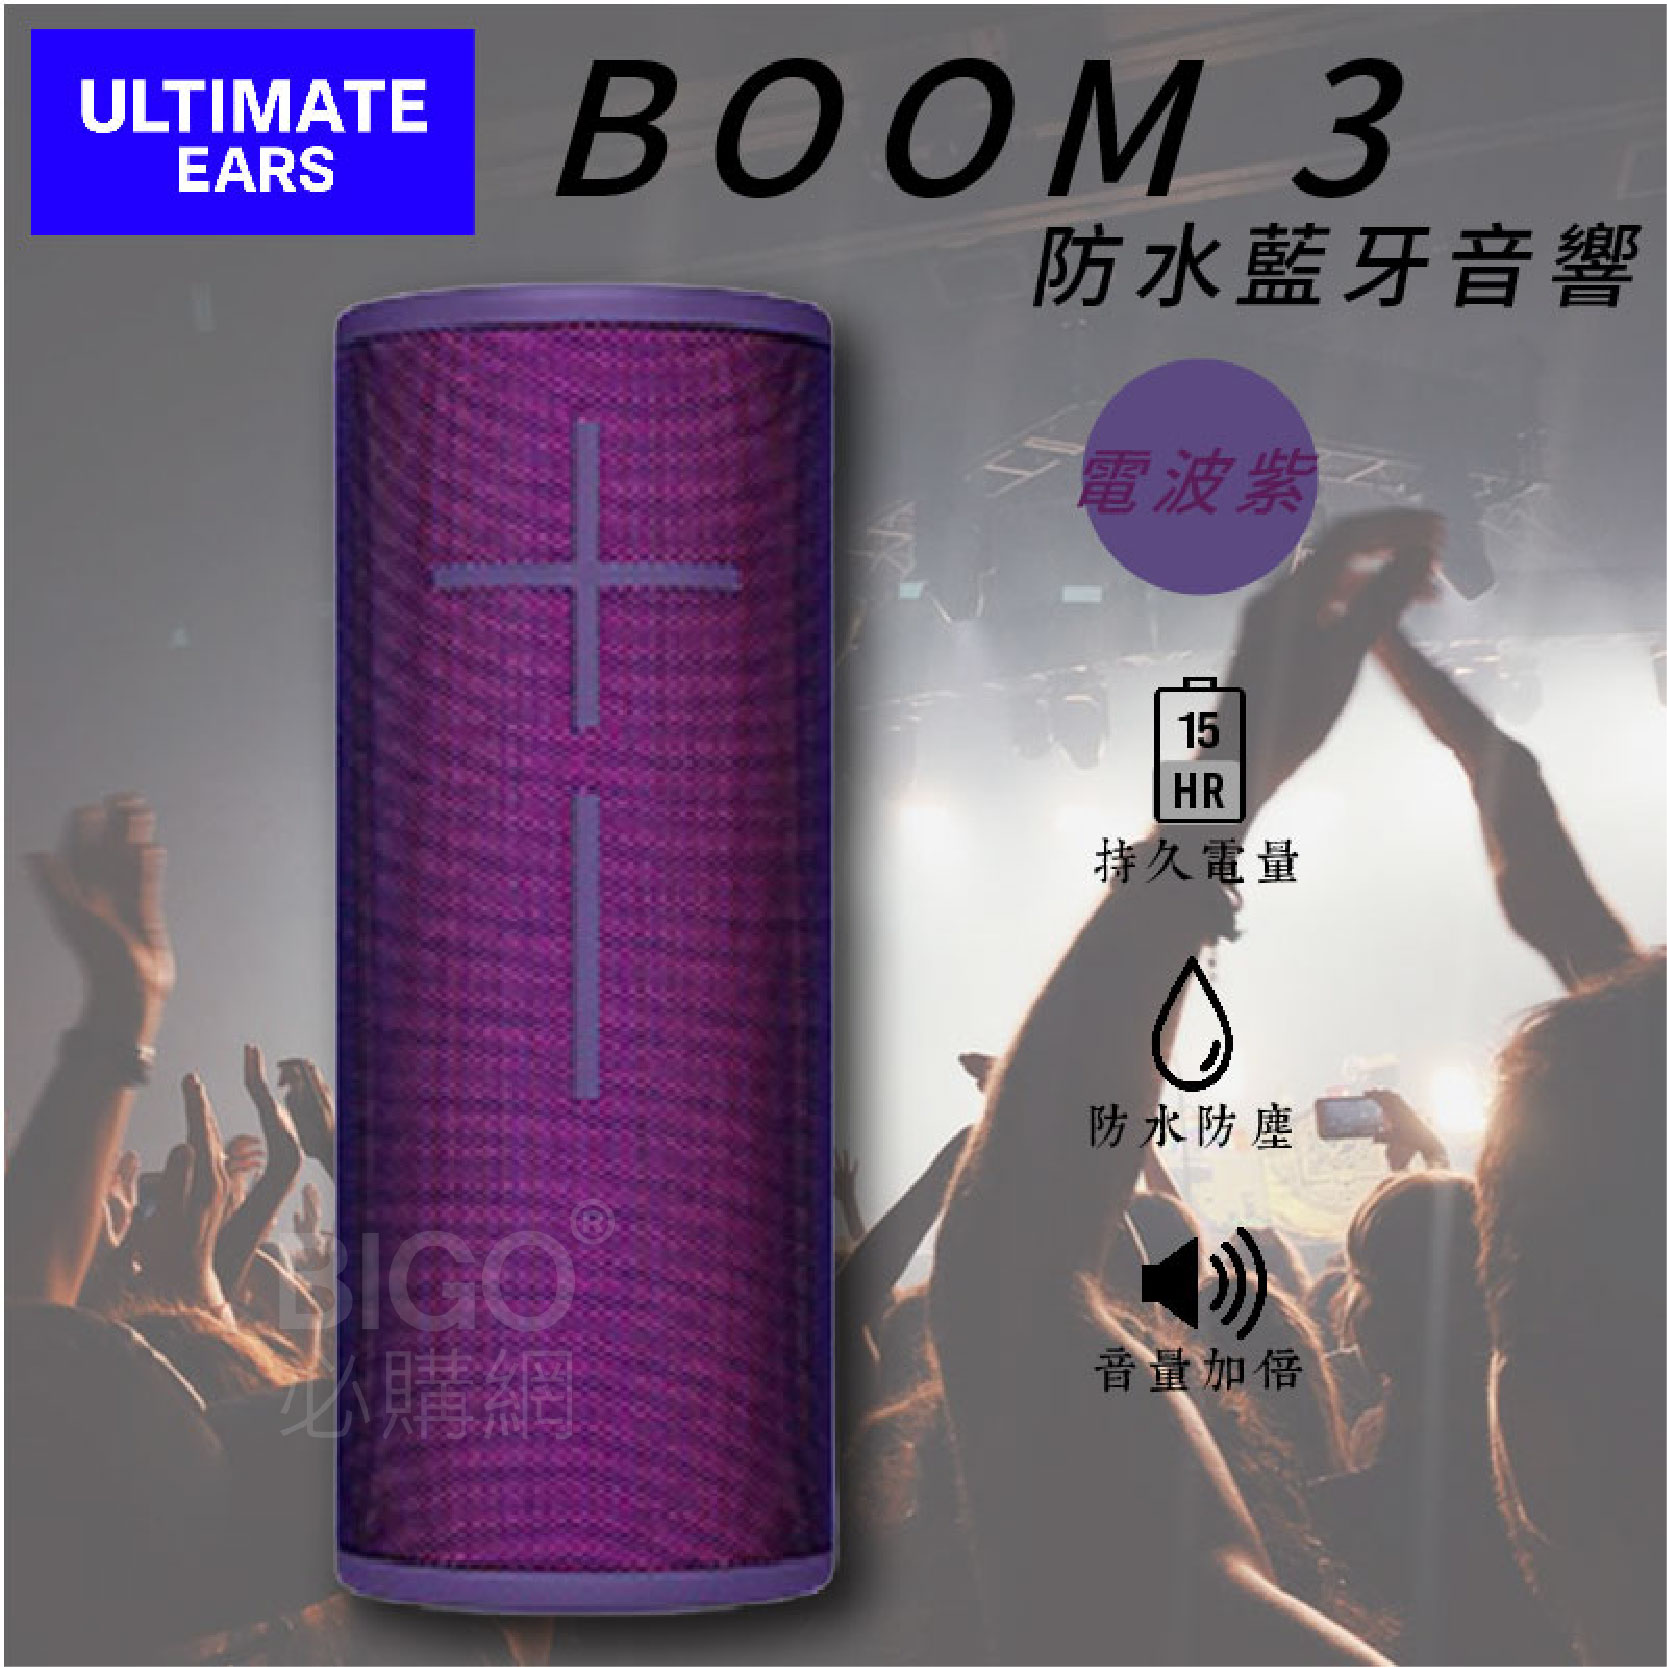 超大音量美國UE  藍芽喇叭BOOM3 電波紫  防水 防塵 可浮水  IP67 音量增強 操作簡易 攜帶輕便 無線